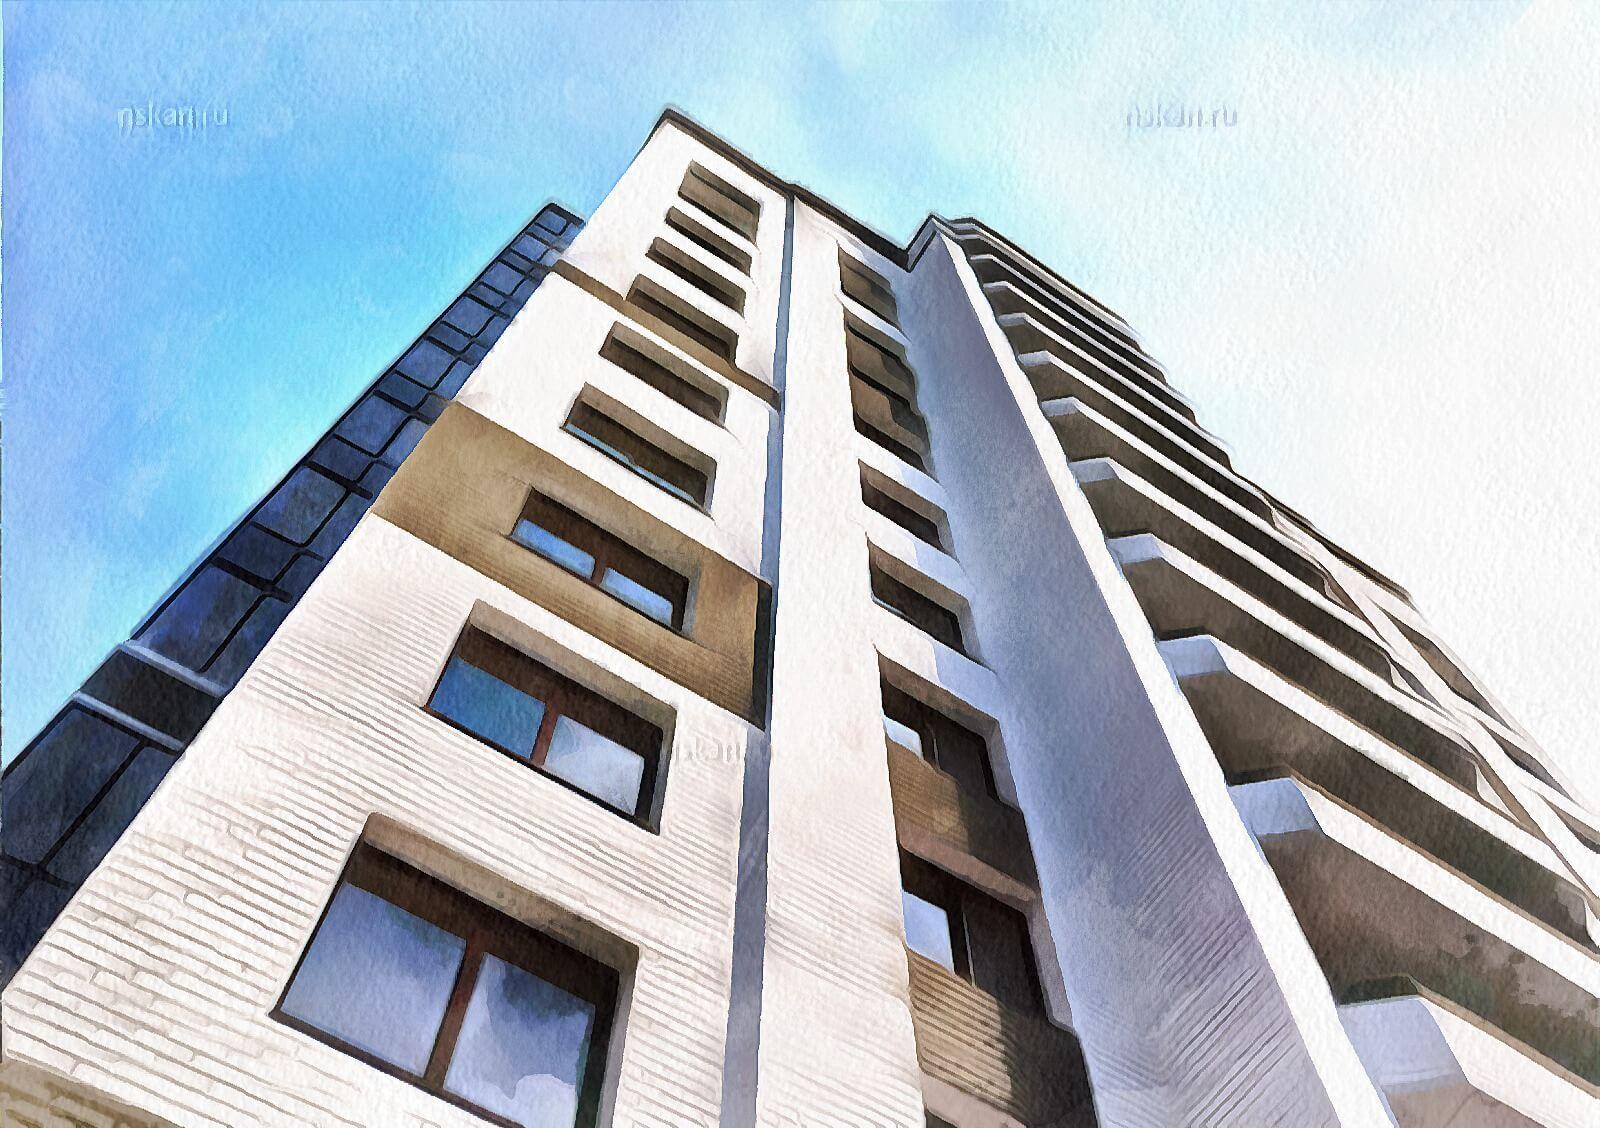 ЖК Малина в ипотеку, цены на квартиры от застройщика